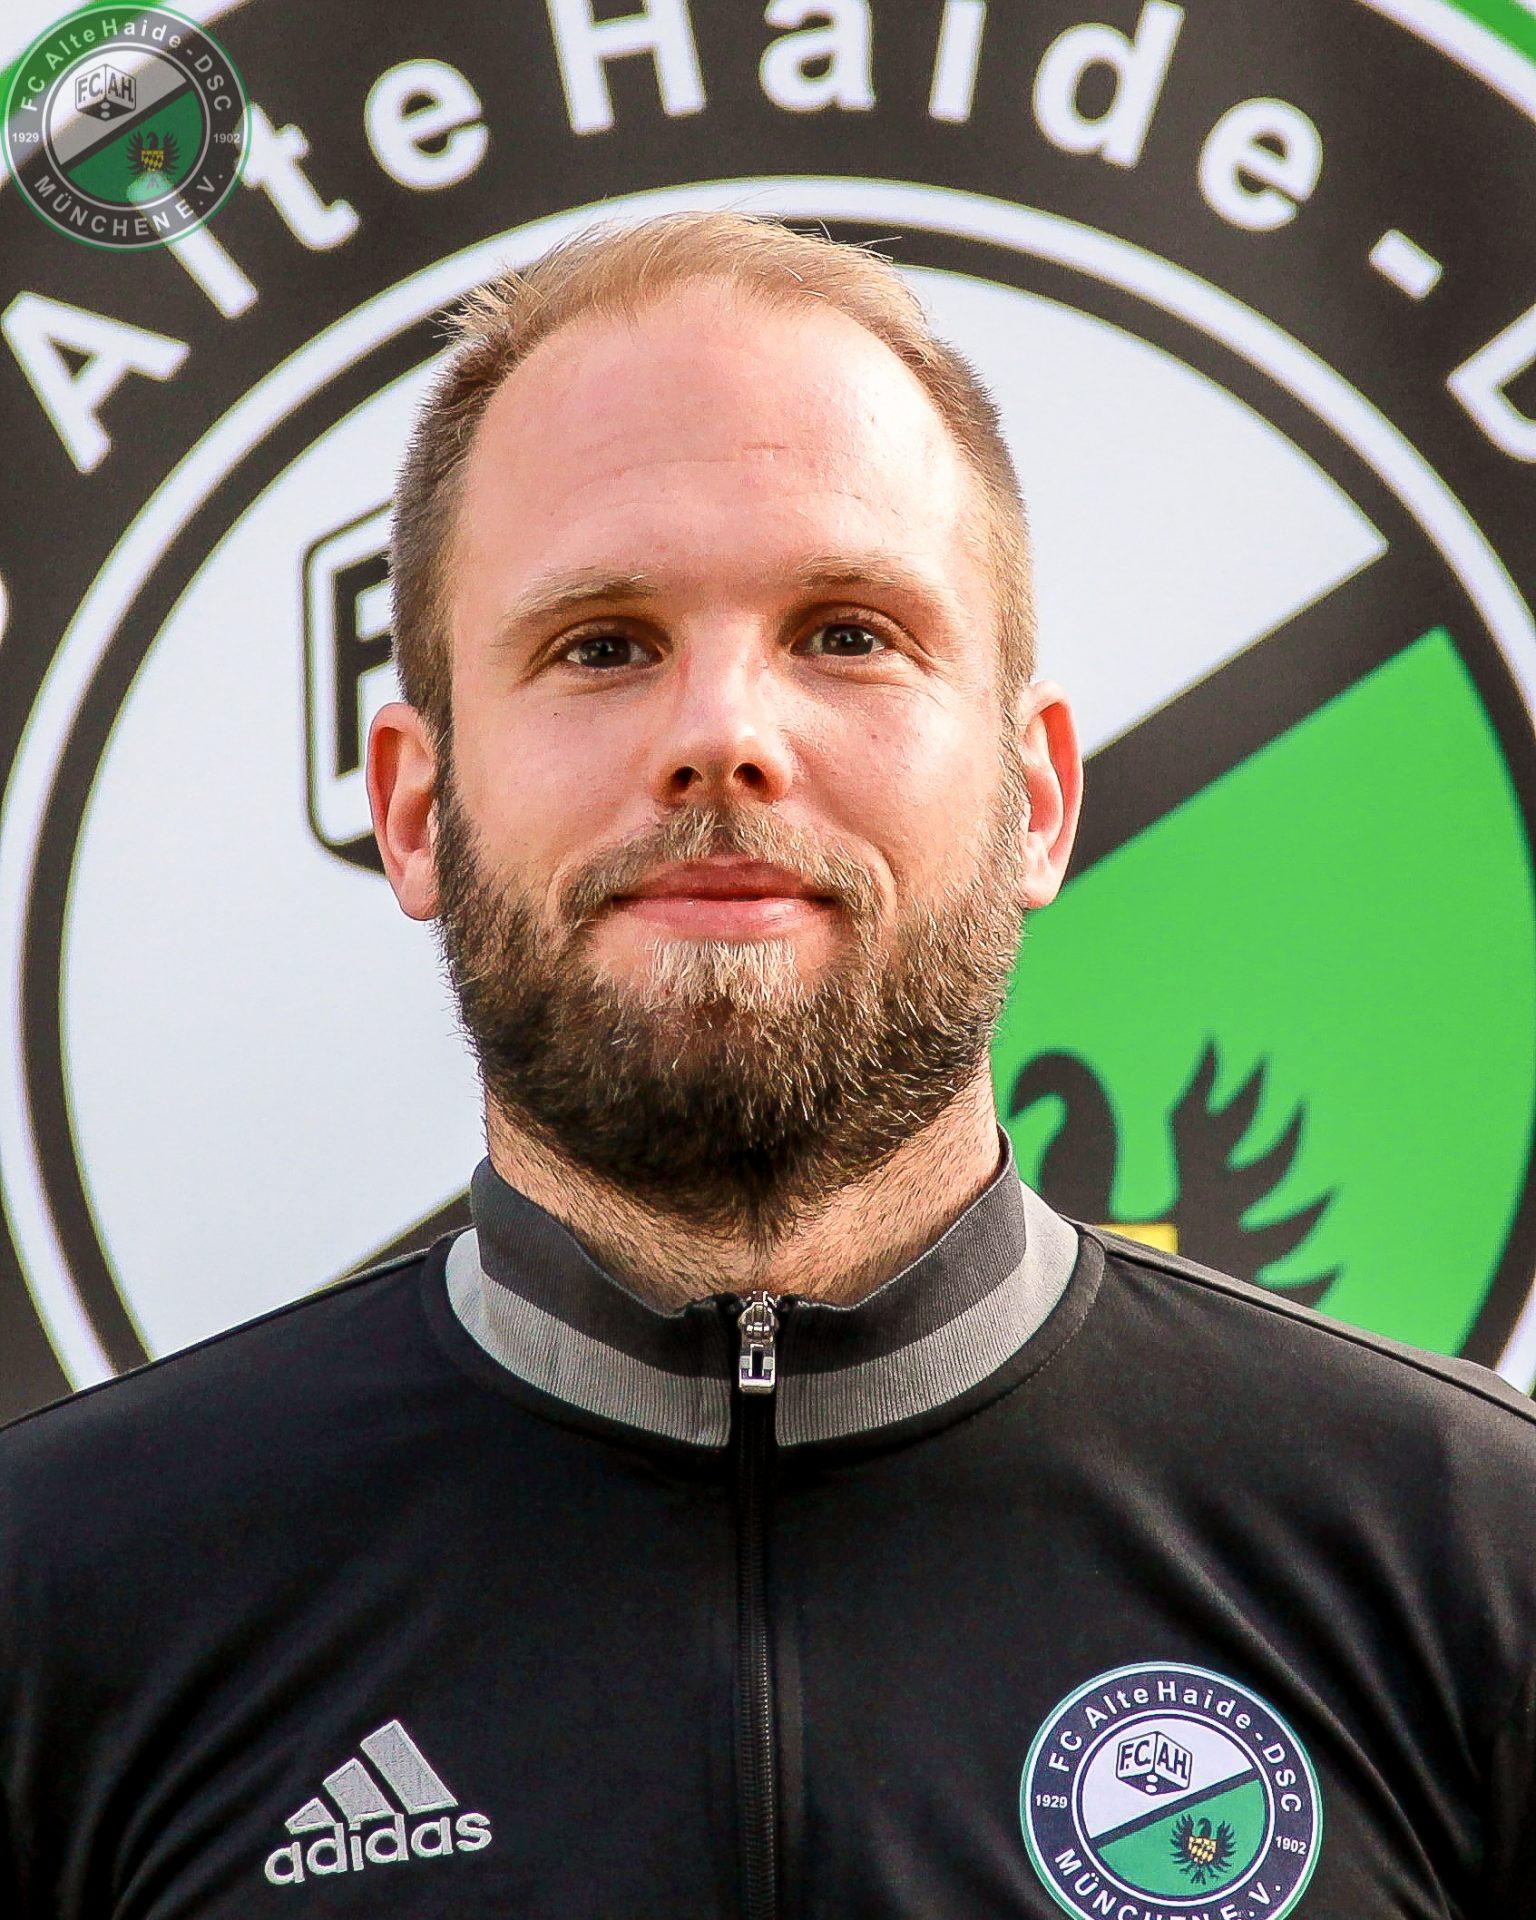 Fabian Beckmann